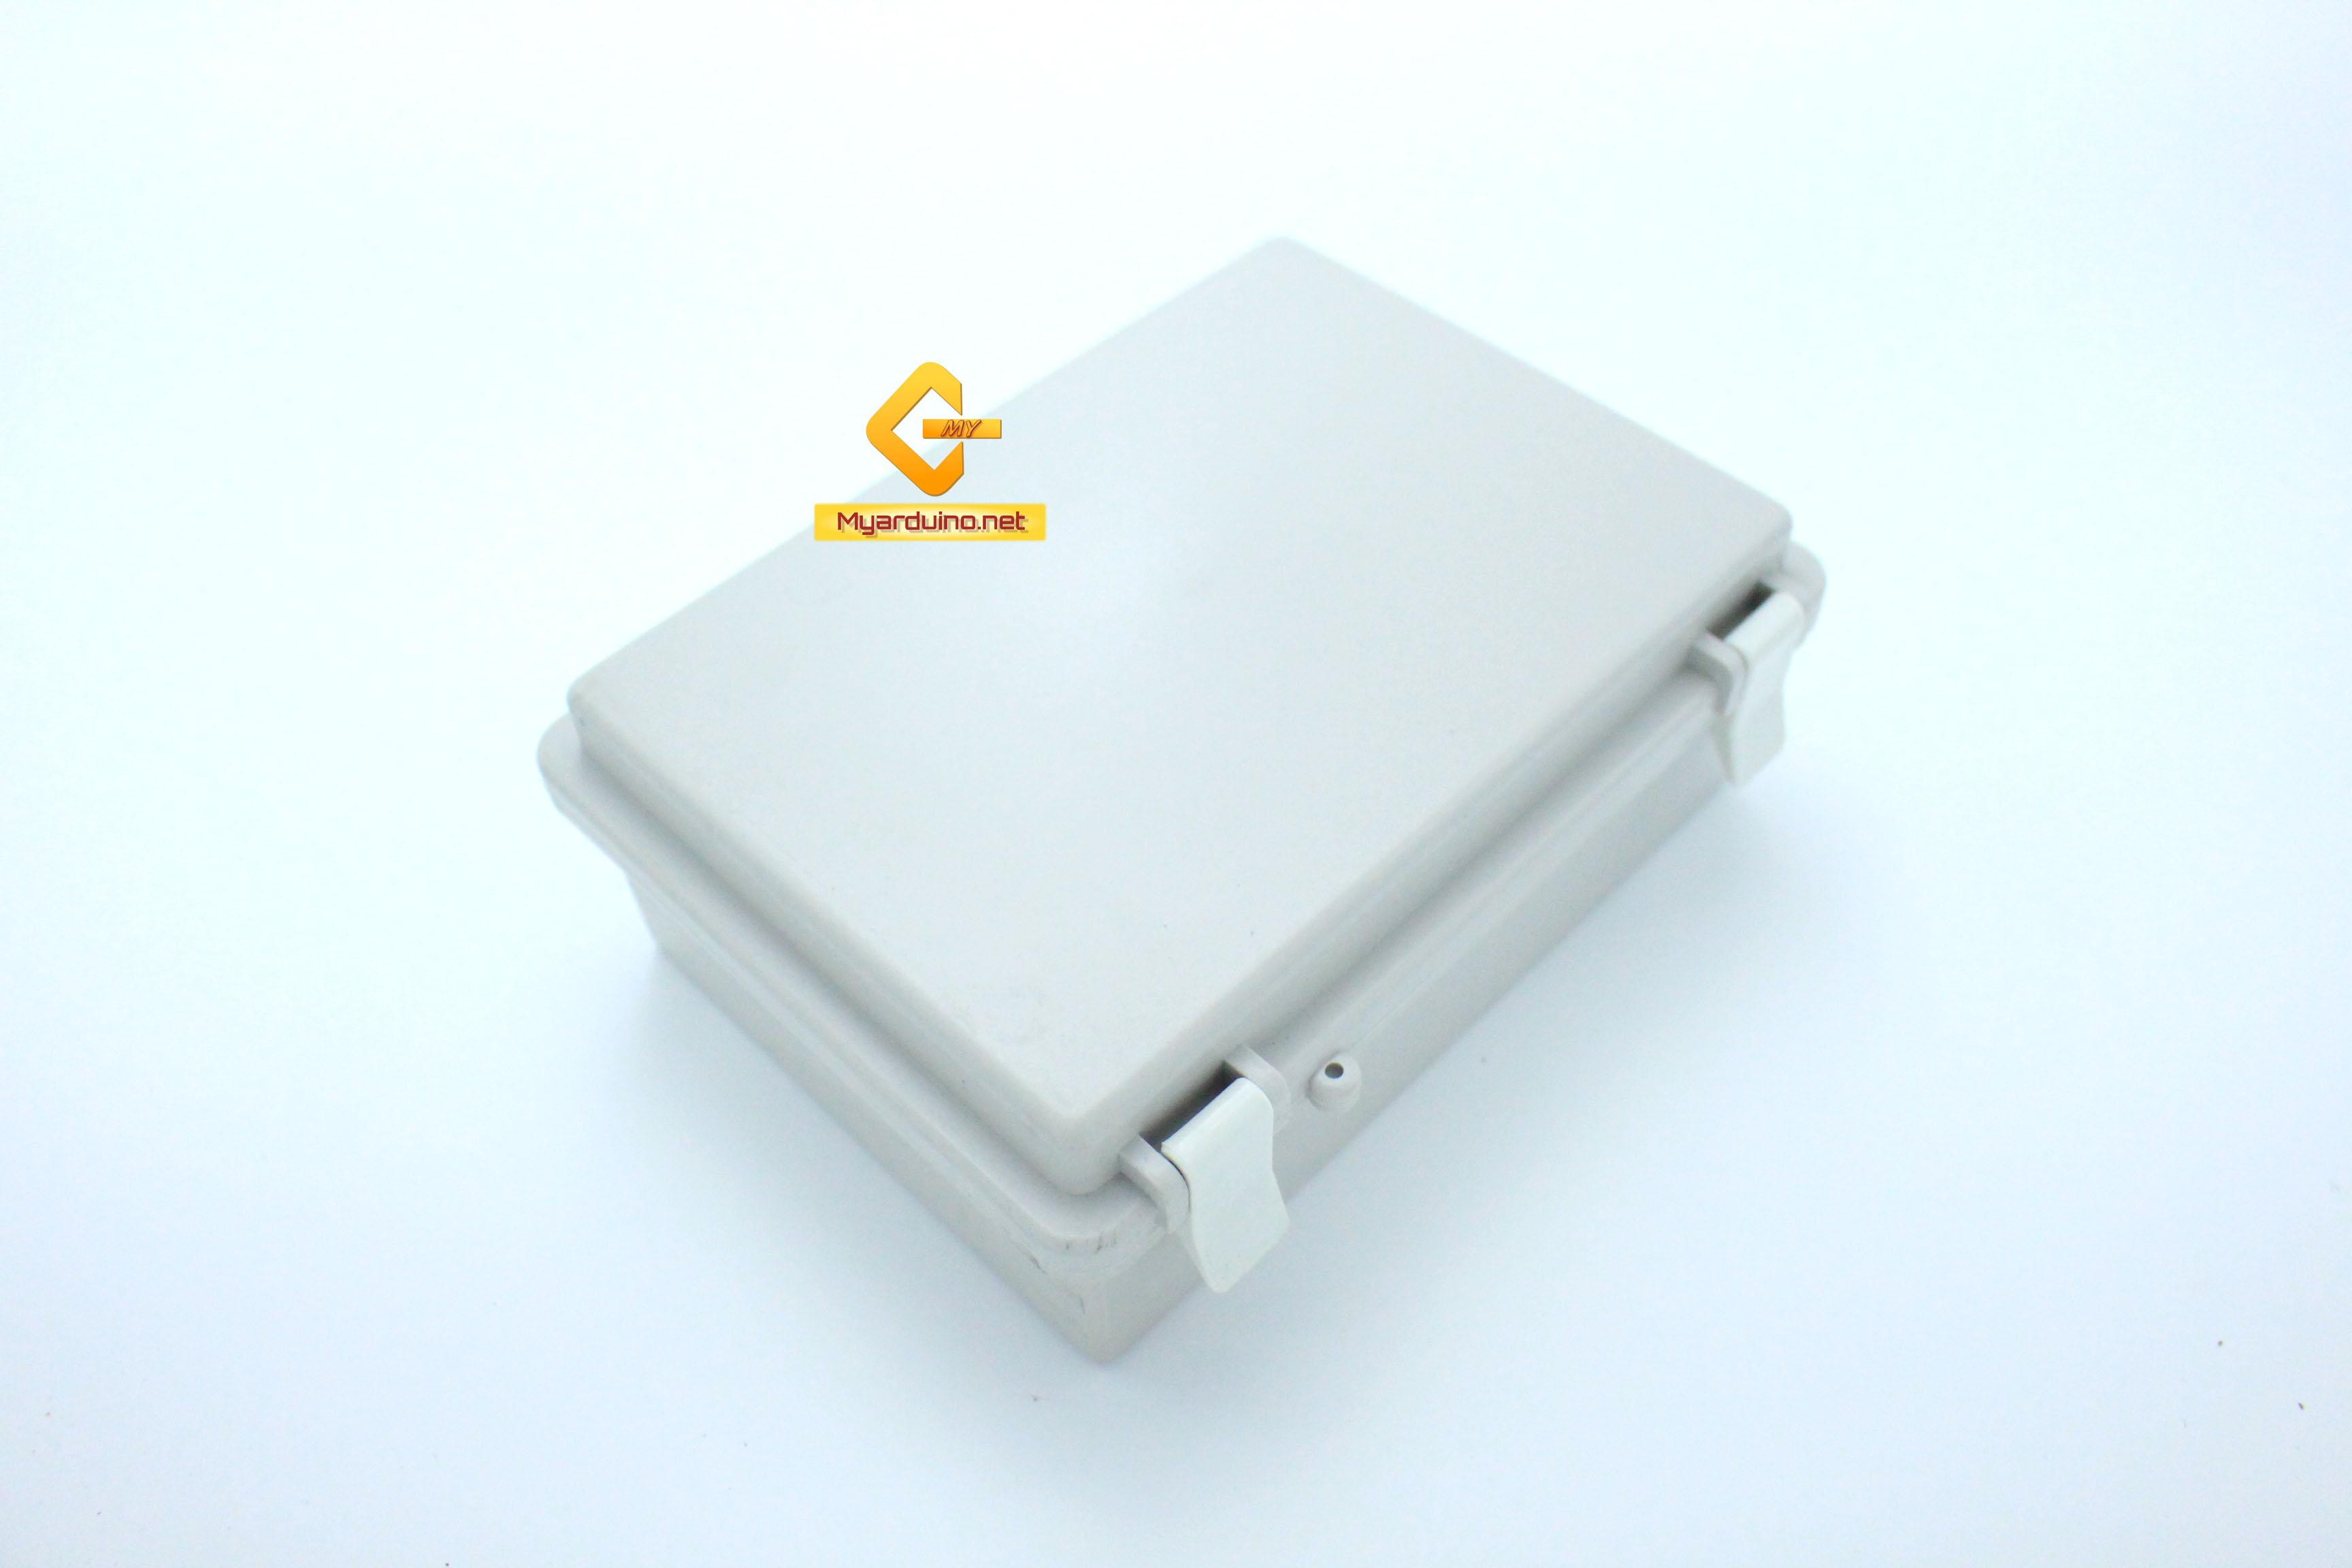 กล่องอิเล็กทรอนิกส์ อเนกประสงค์ กันน้ำ สีเทา พร้อมฝาปิด 190*140*72 mm